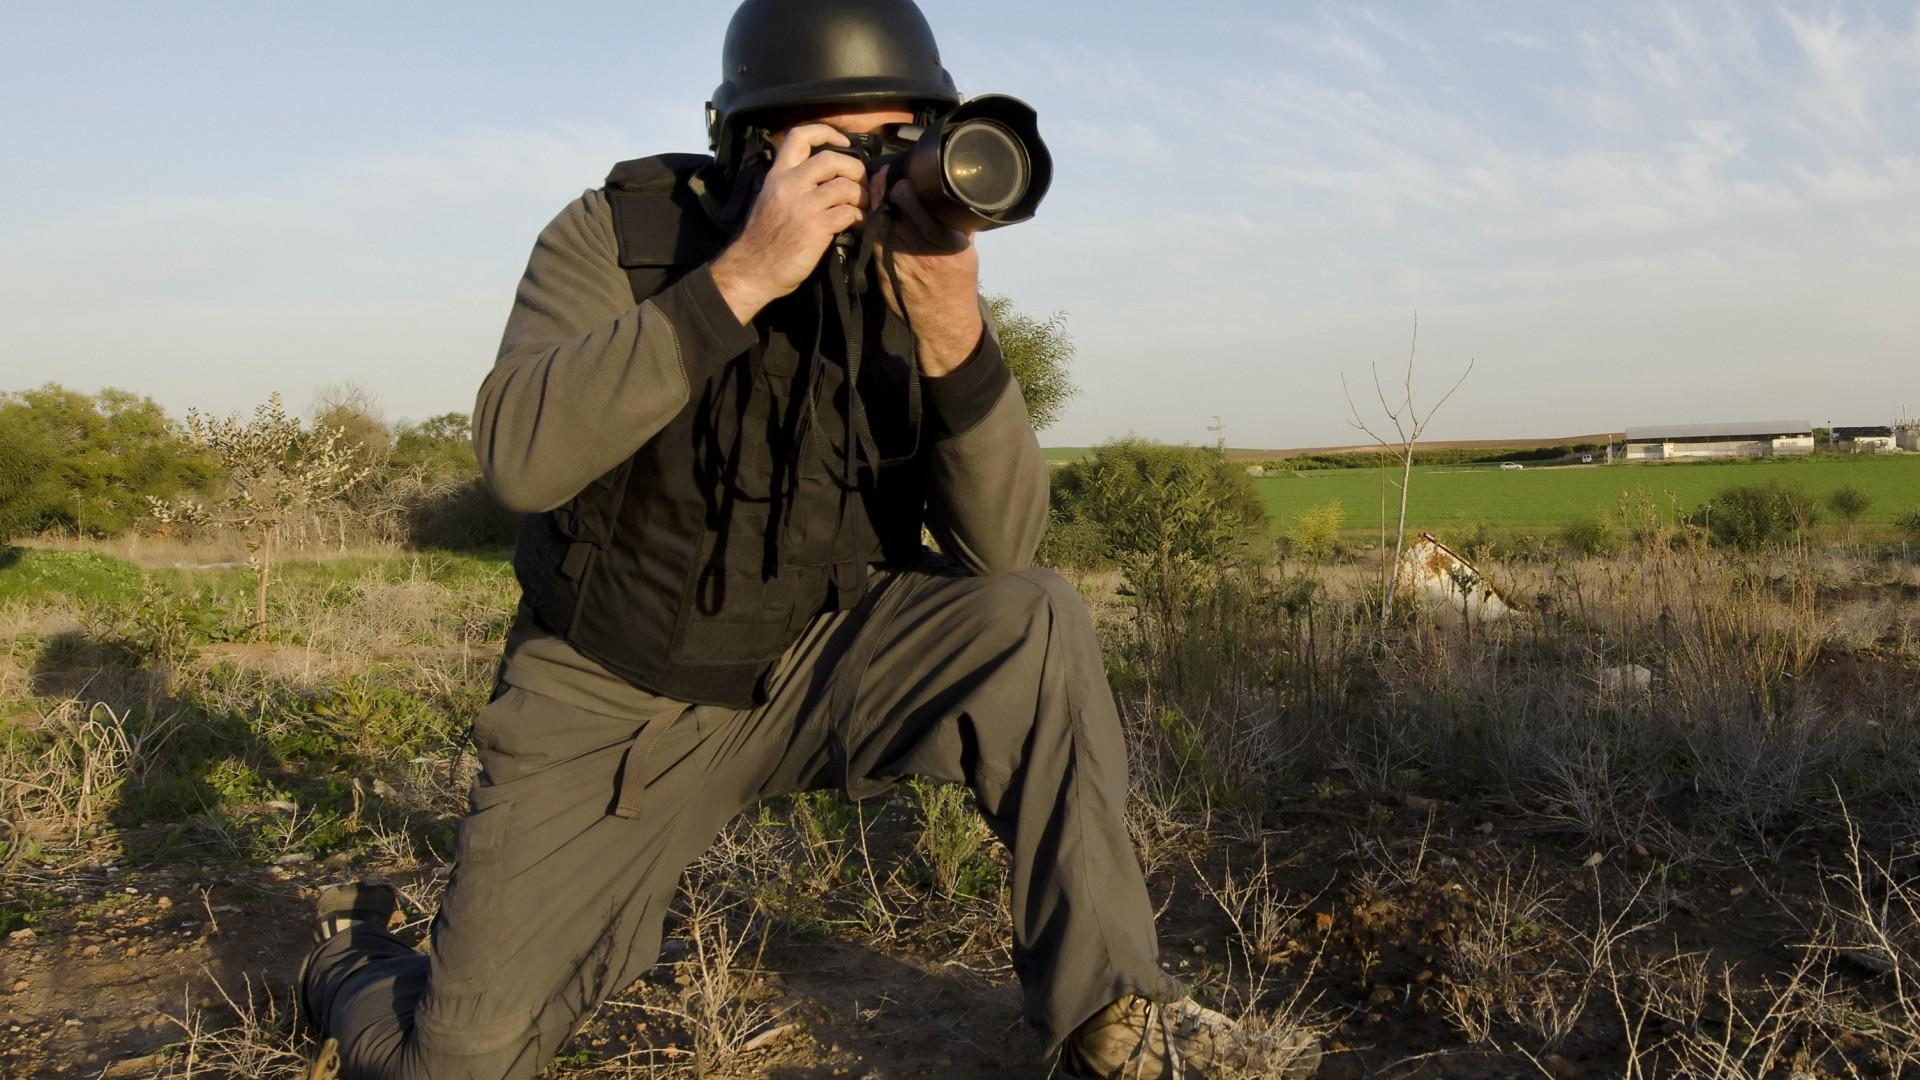 роль военных фоторепортеров покупке рождественской